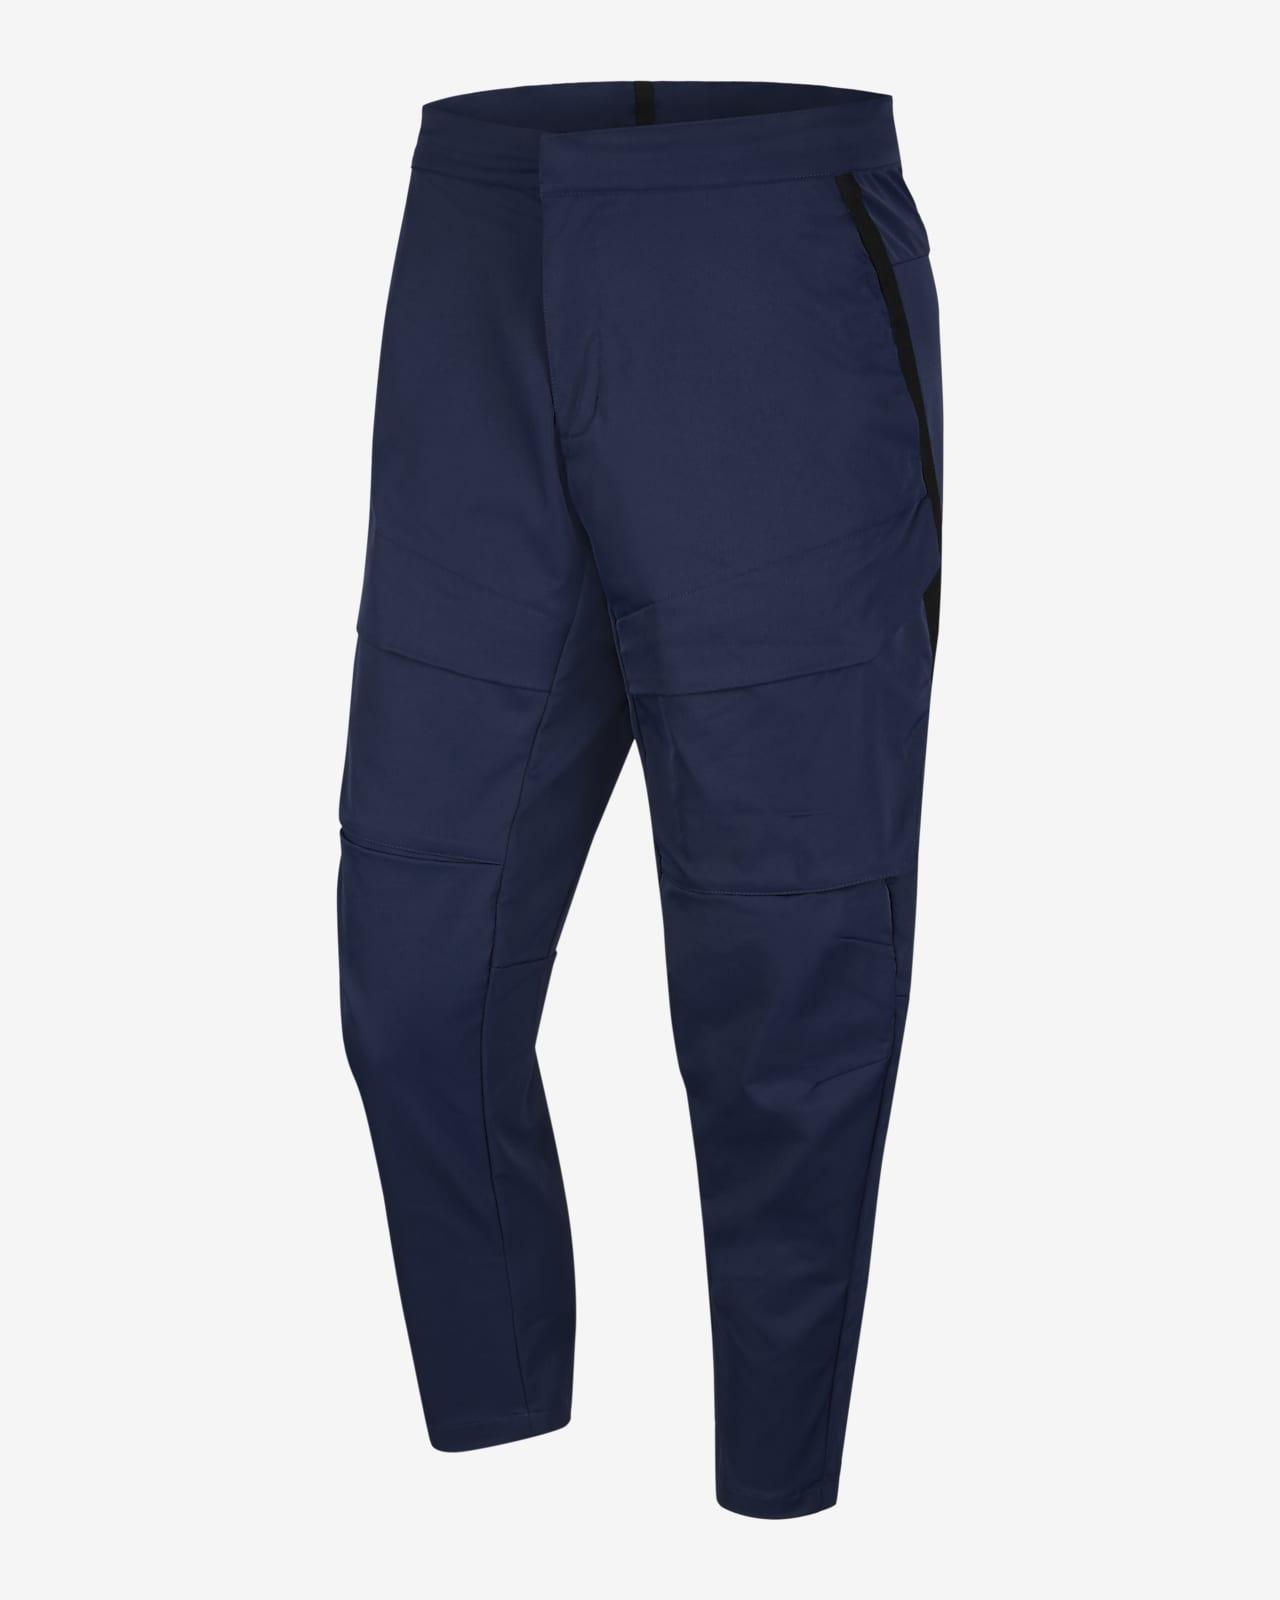 Nike Sportswear Tech Pack 男子工装长裤